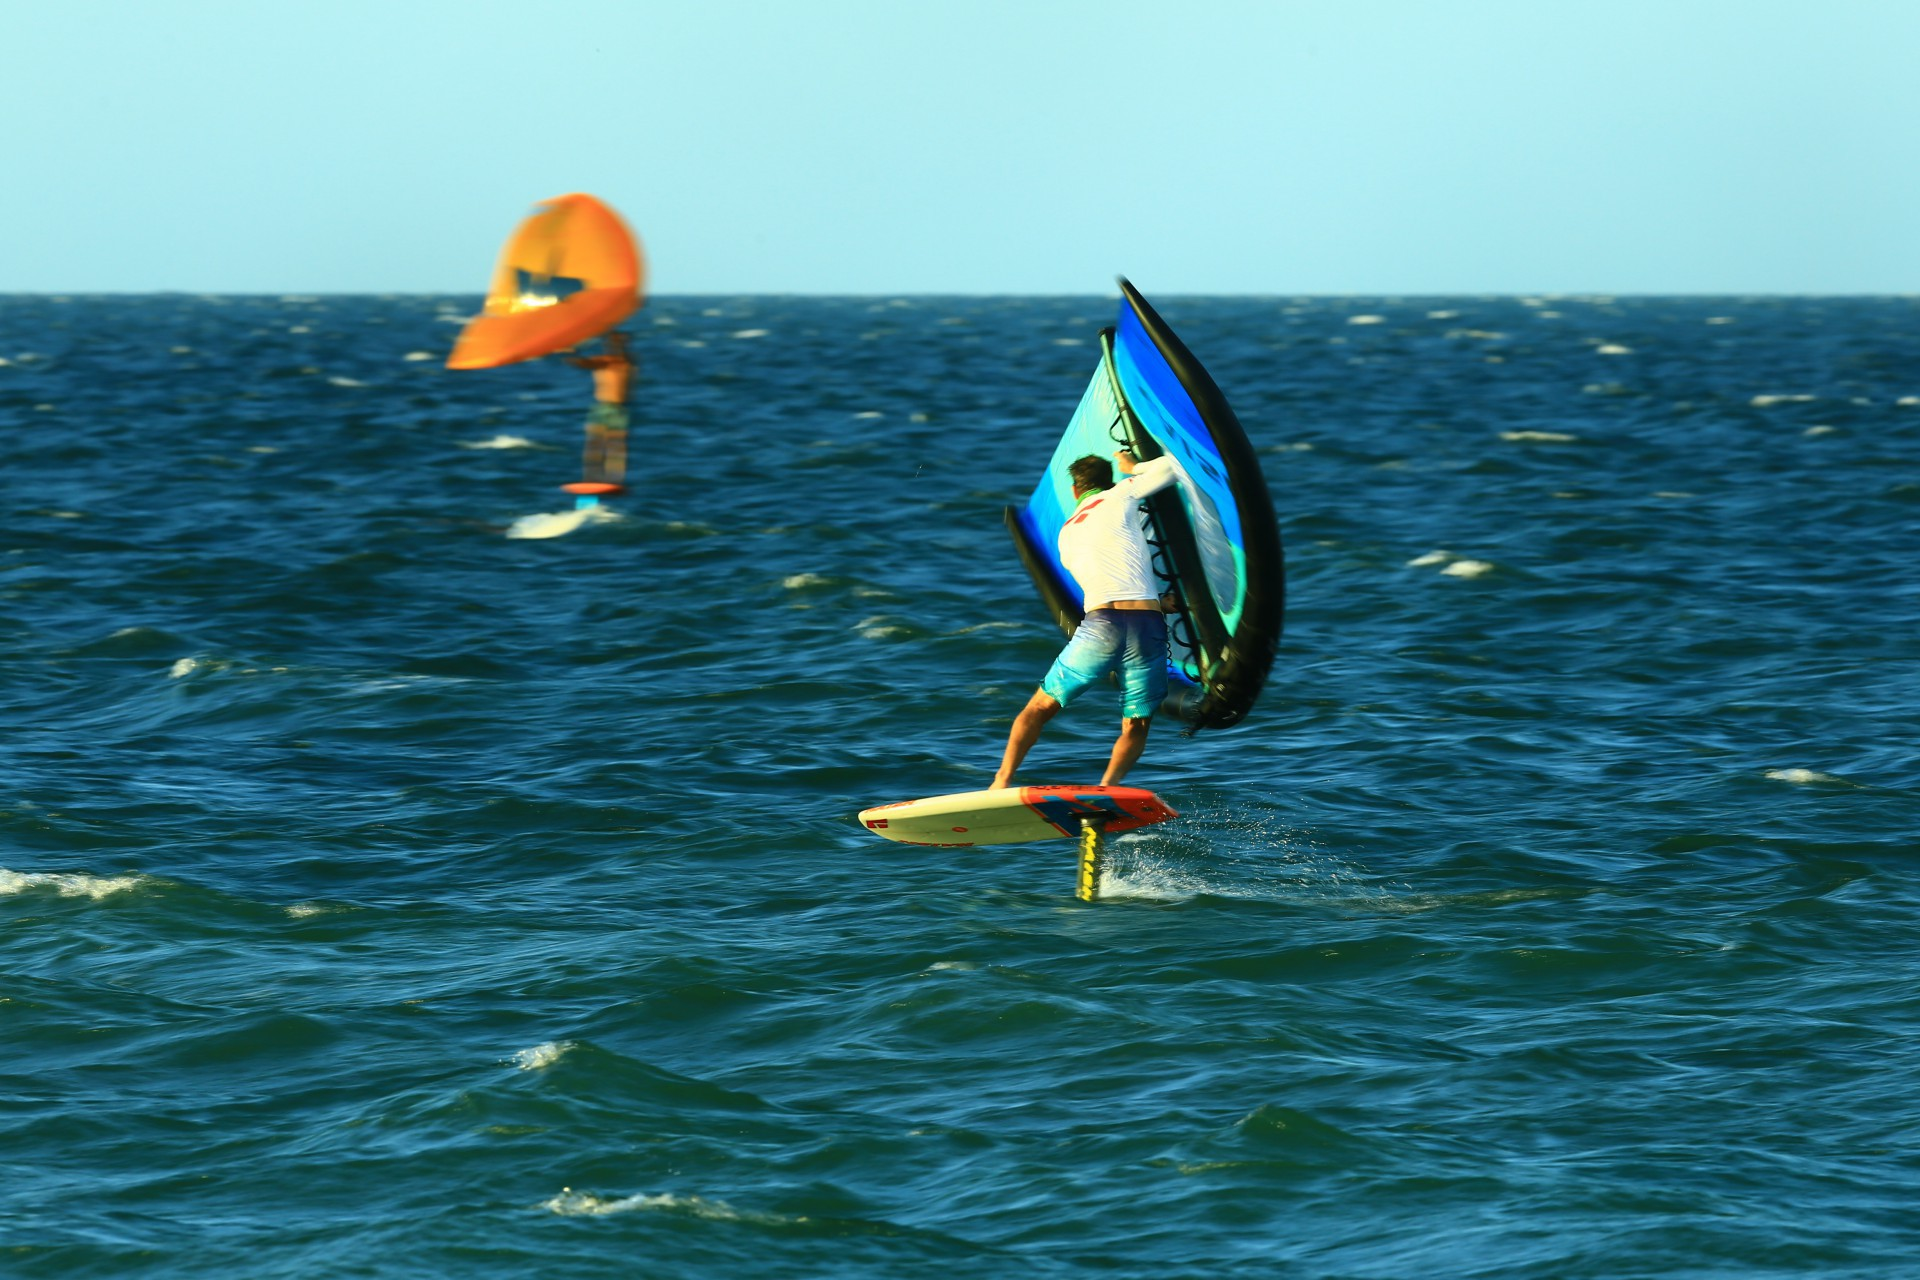 (Foto: Eliseu Souza / Divulgação)Litoral cearense é considerado a meca dos esportes de aventura no mar, como kitesurfe, windsurfe e wingsurfe